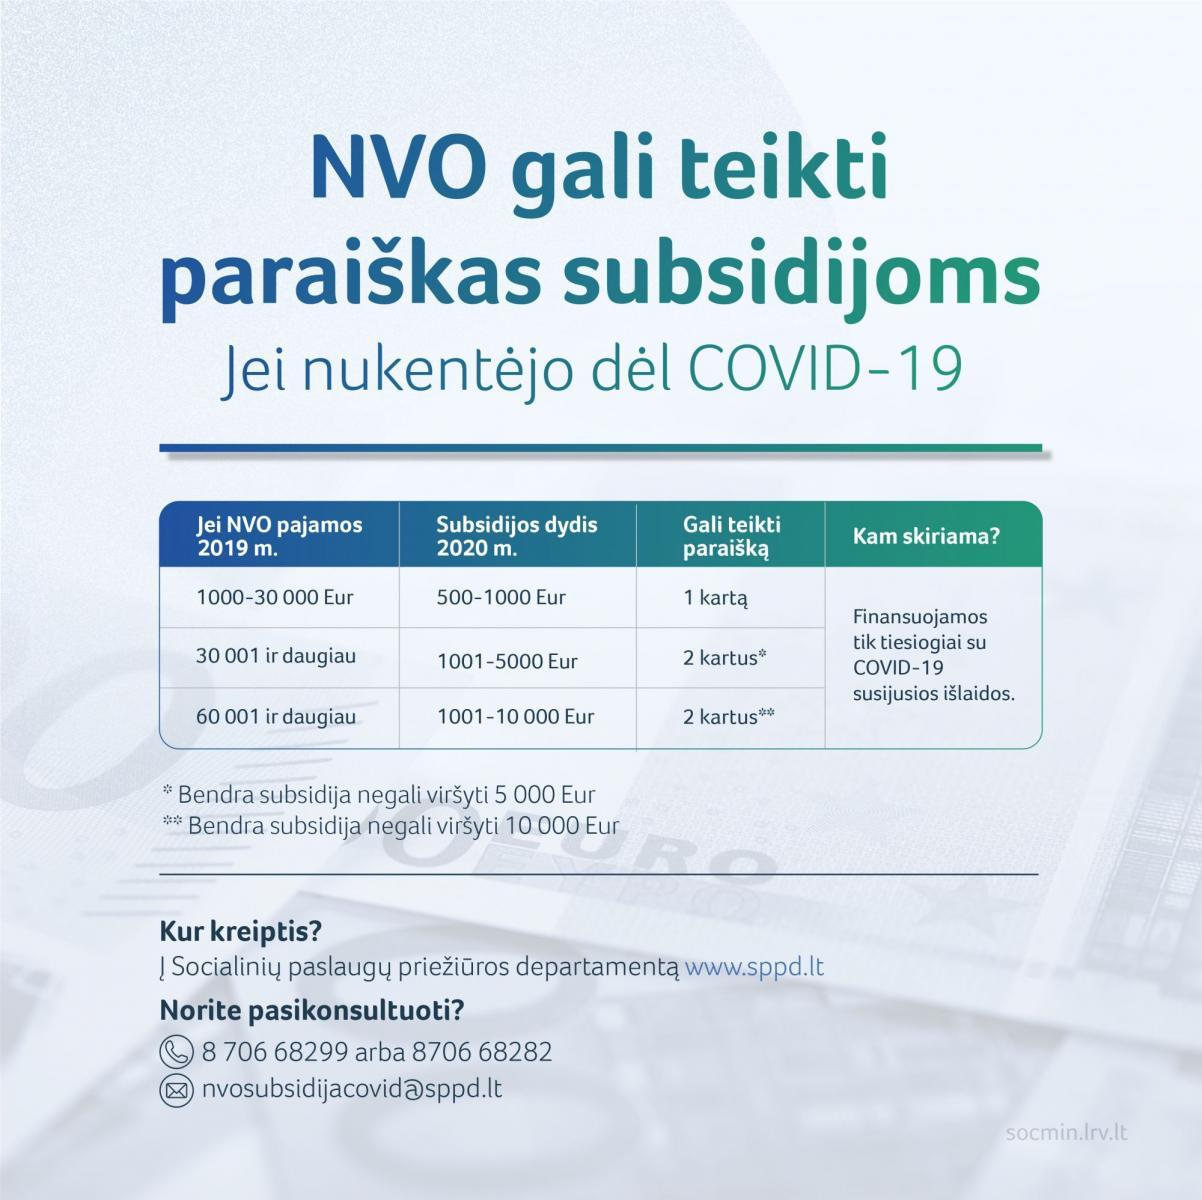 NVO gali kreiptis pagalbos dėl Covid-19